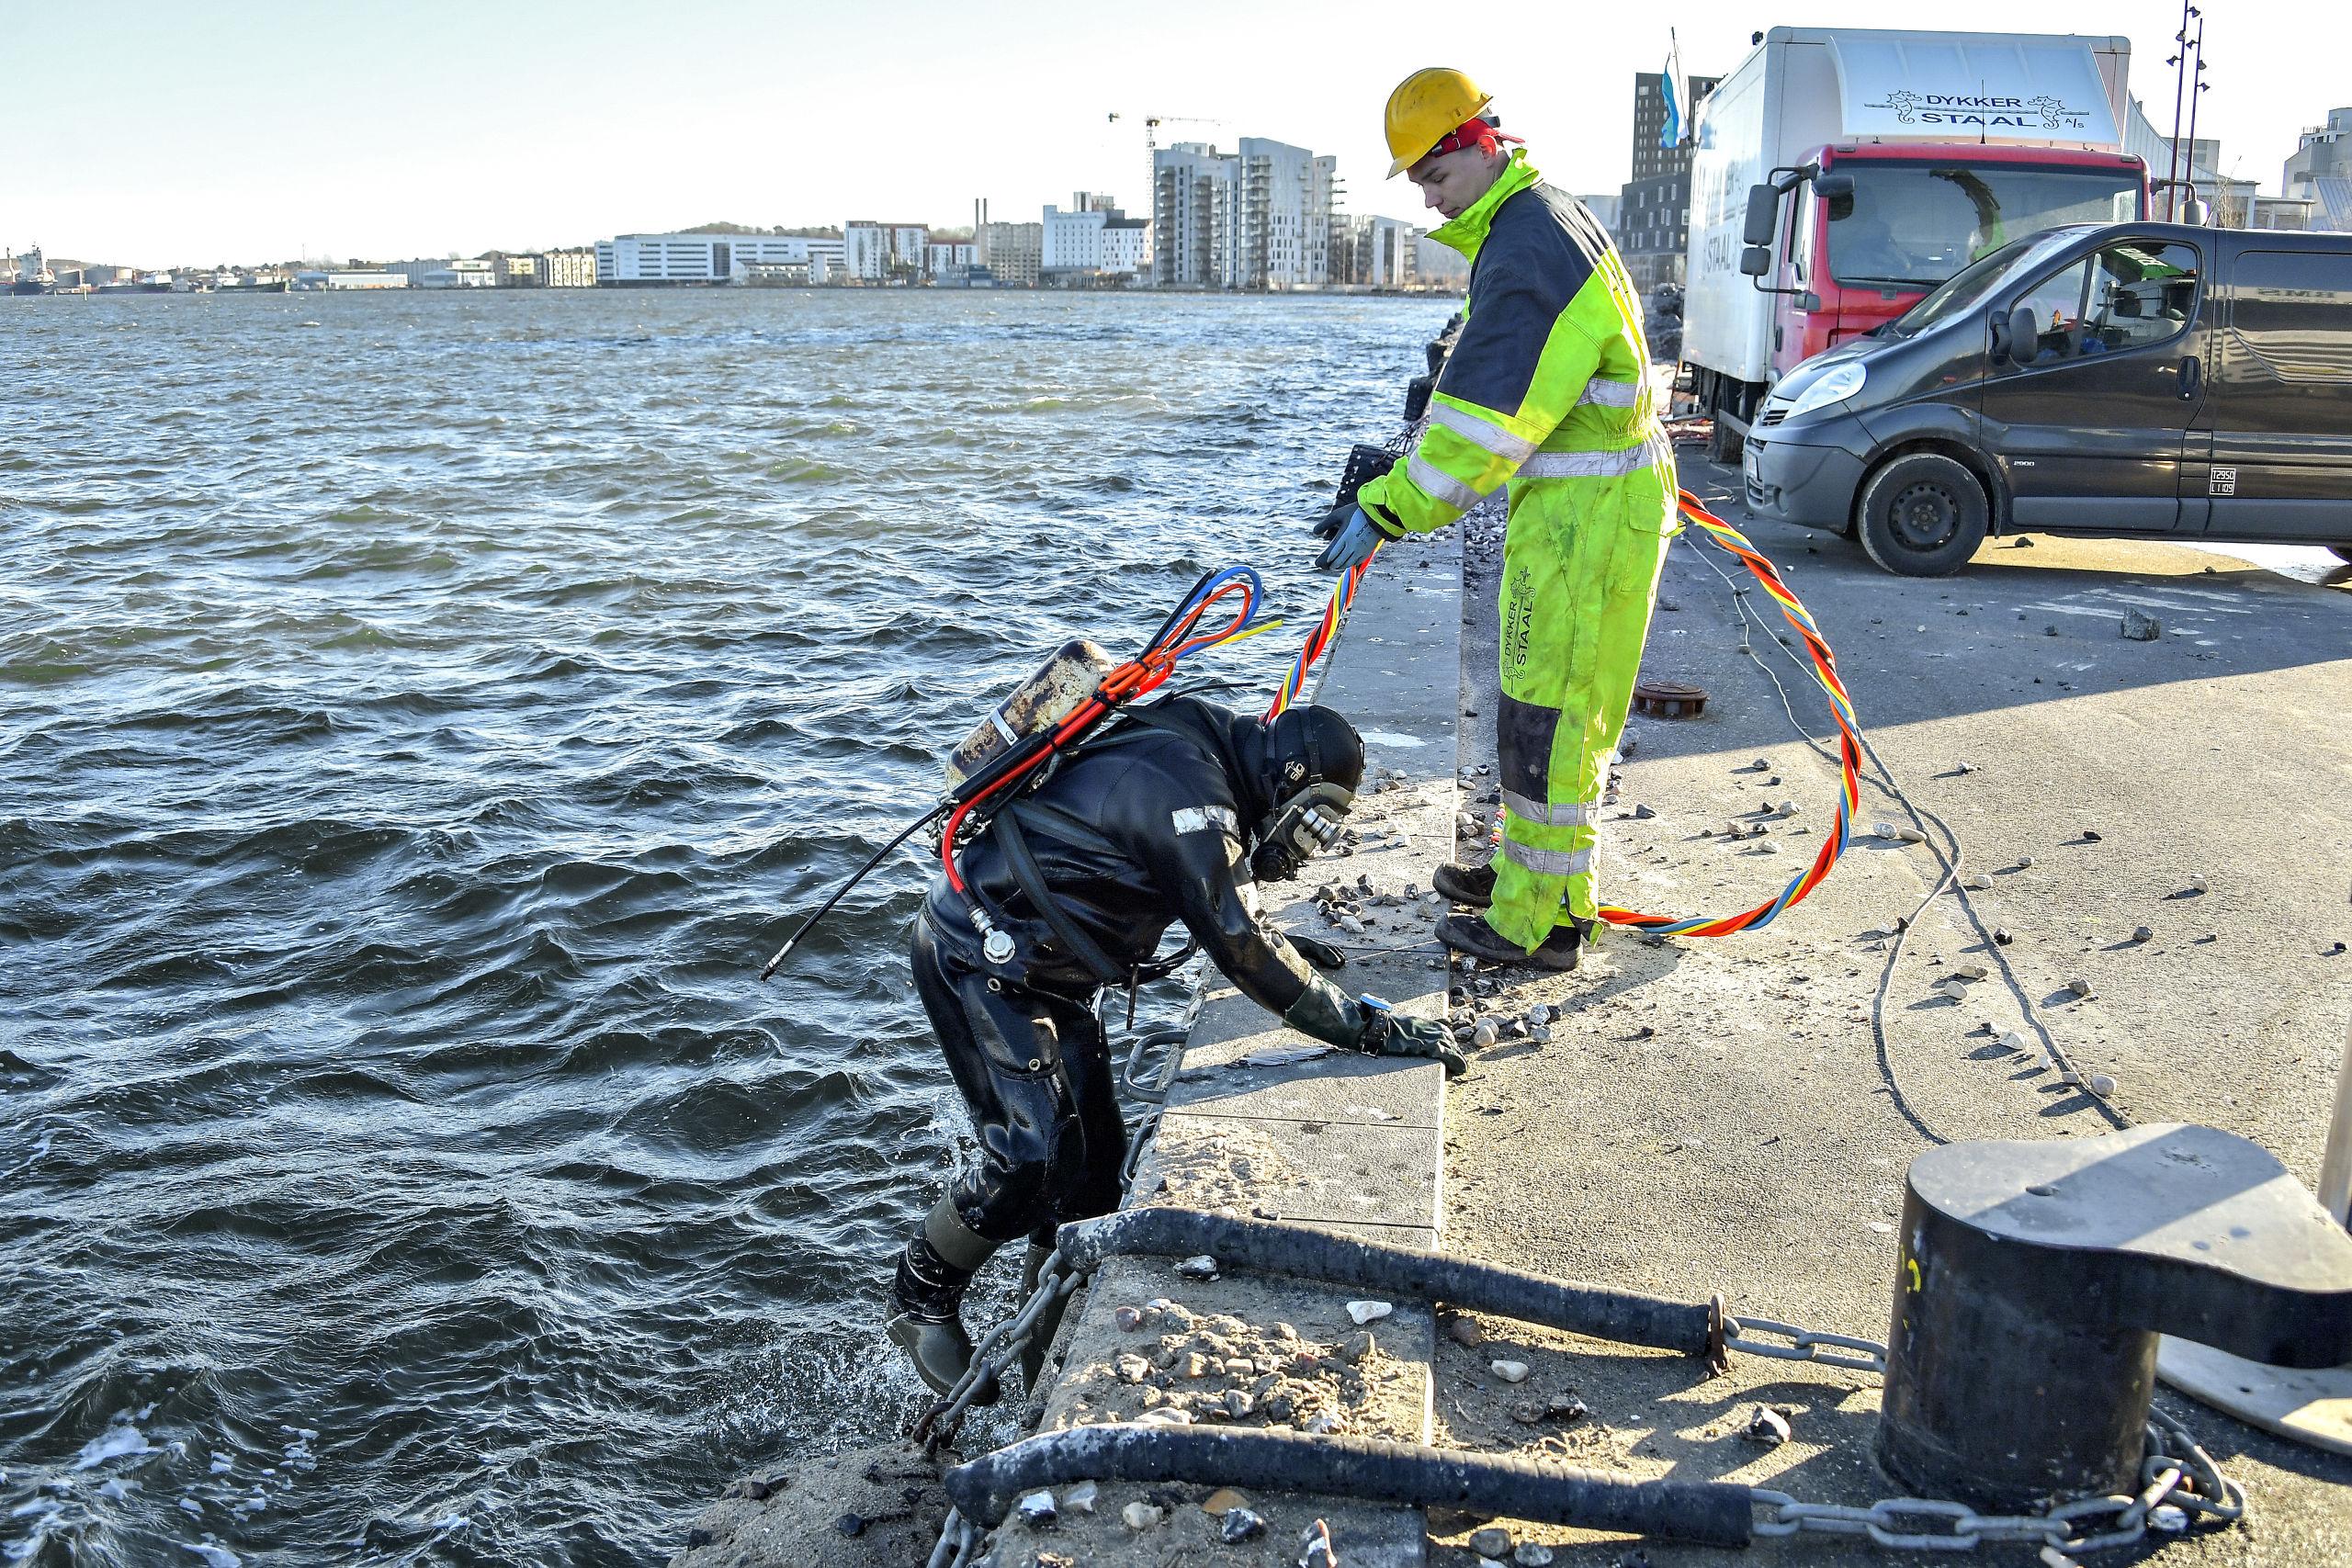 Dykker Sonny Rasmussen har nu taget sin tørn på bunden af Limfjorden, og han får her hjælp til at komme op på kajkanten igen af lineholder Jon G. Andersen. Foto: Claus Søndberg